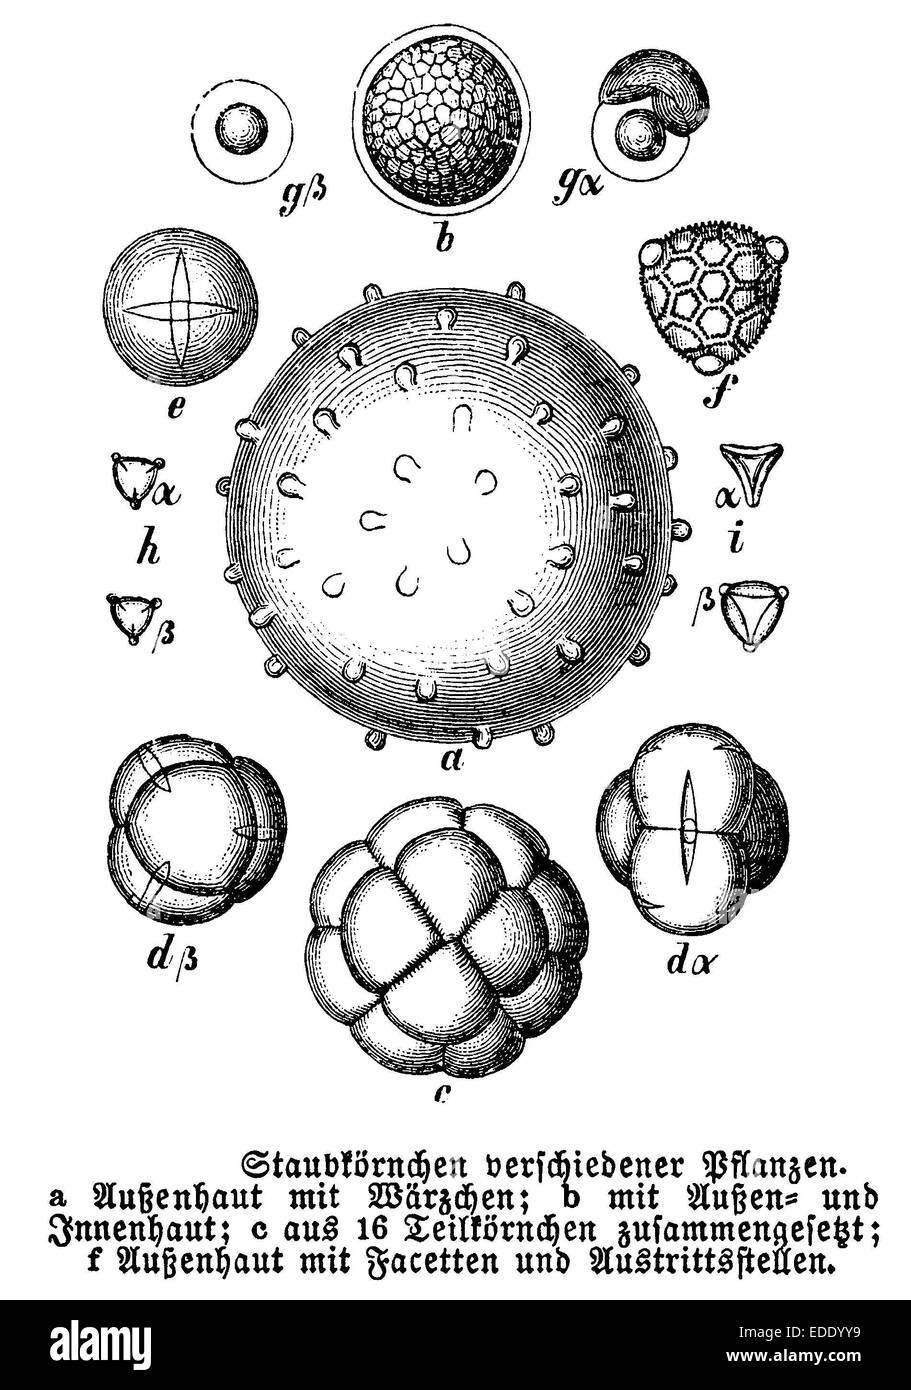 Staubkörnchen verschiedener Pflanzen, Pollen - Stock Image